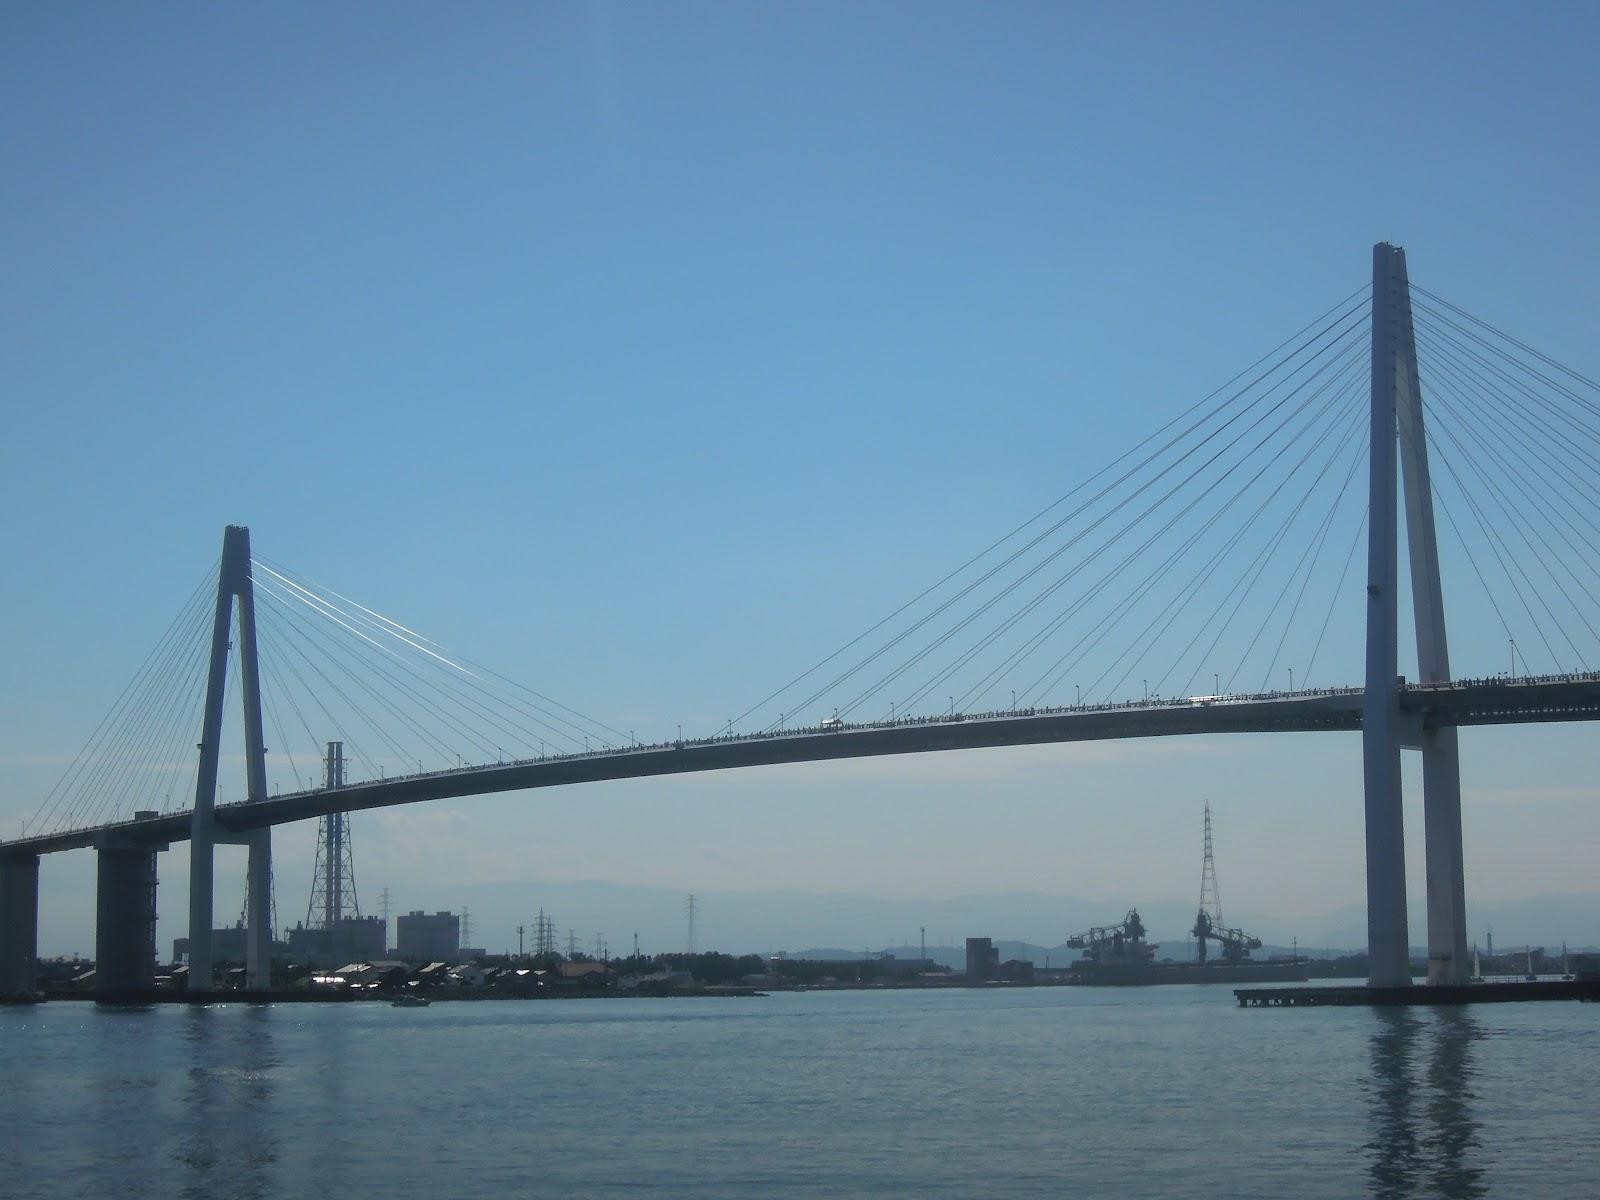 新湊大橋の画像 p1_37